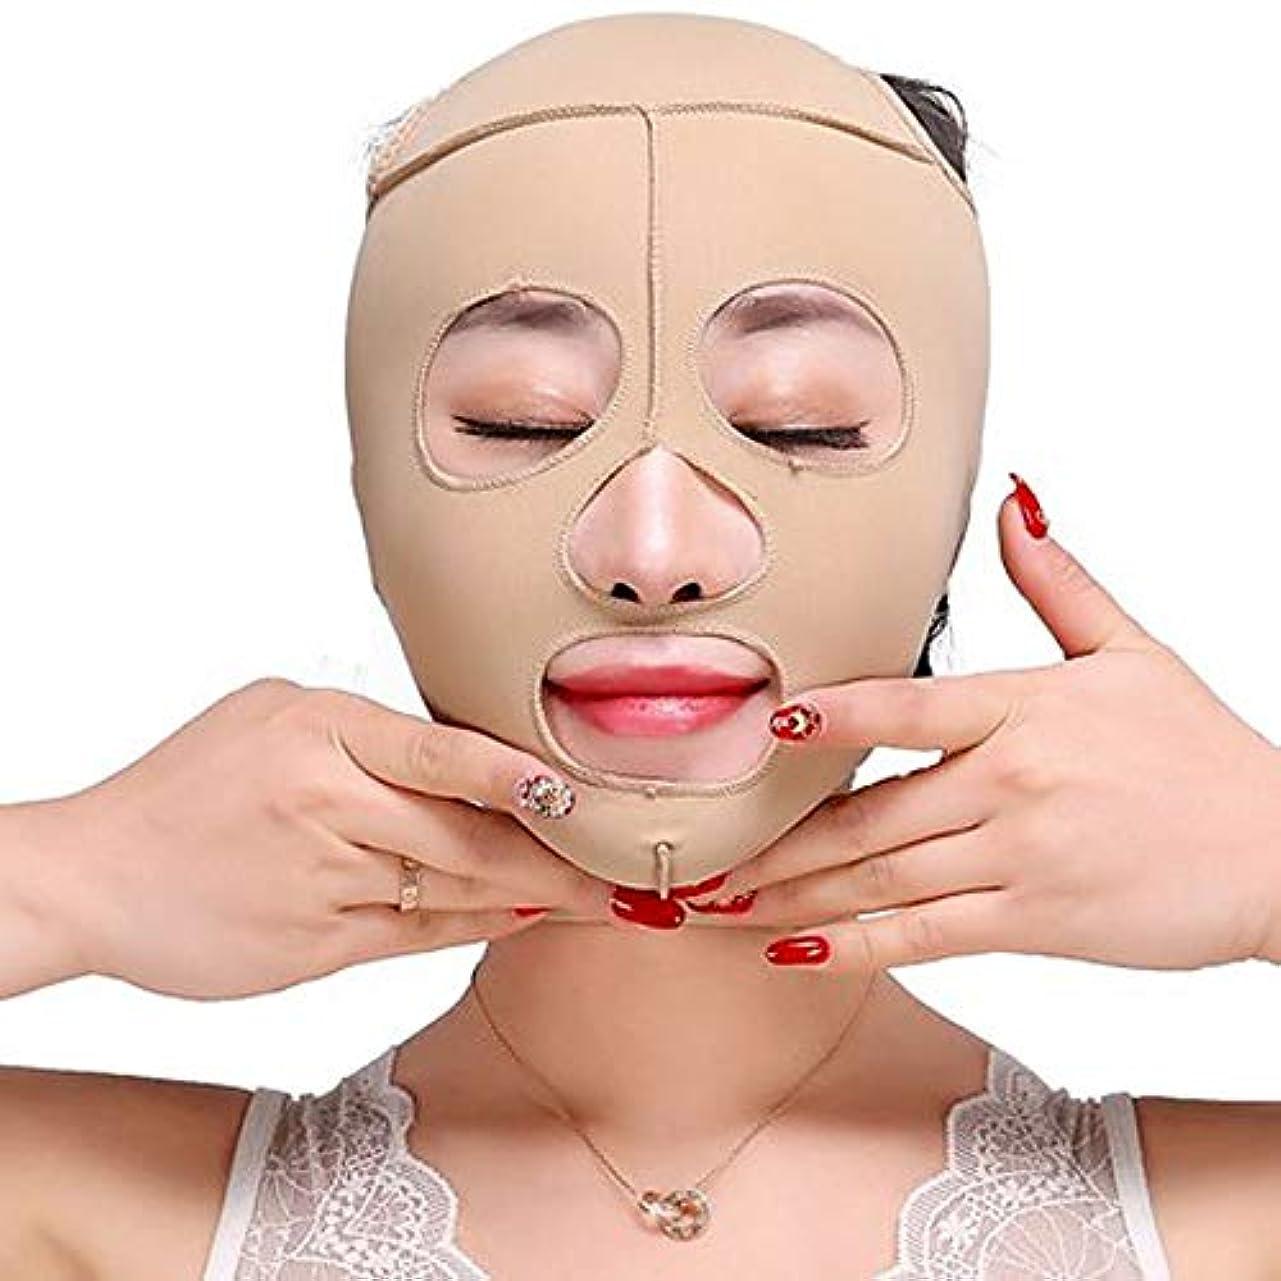 世界記録のギネスブック寛容な約設定GLJJQMY フェイシャルリフティングフェイシャルVマスクダブルあご薄い顔包帯抗シワリフティングチークライン 顔用整形マスク (Size : M)